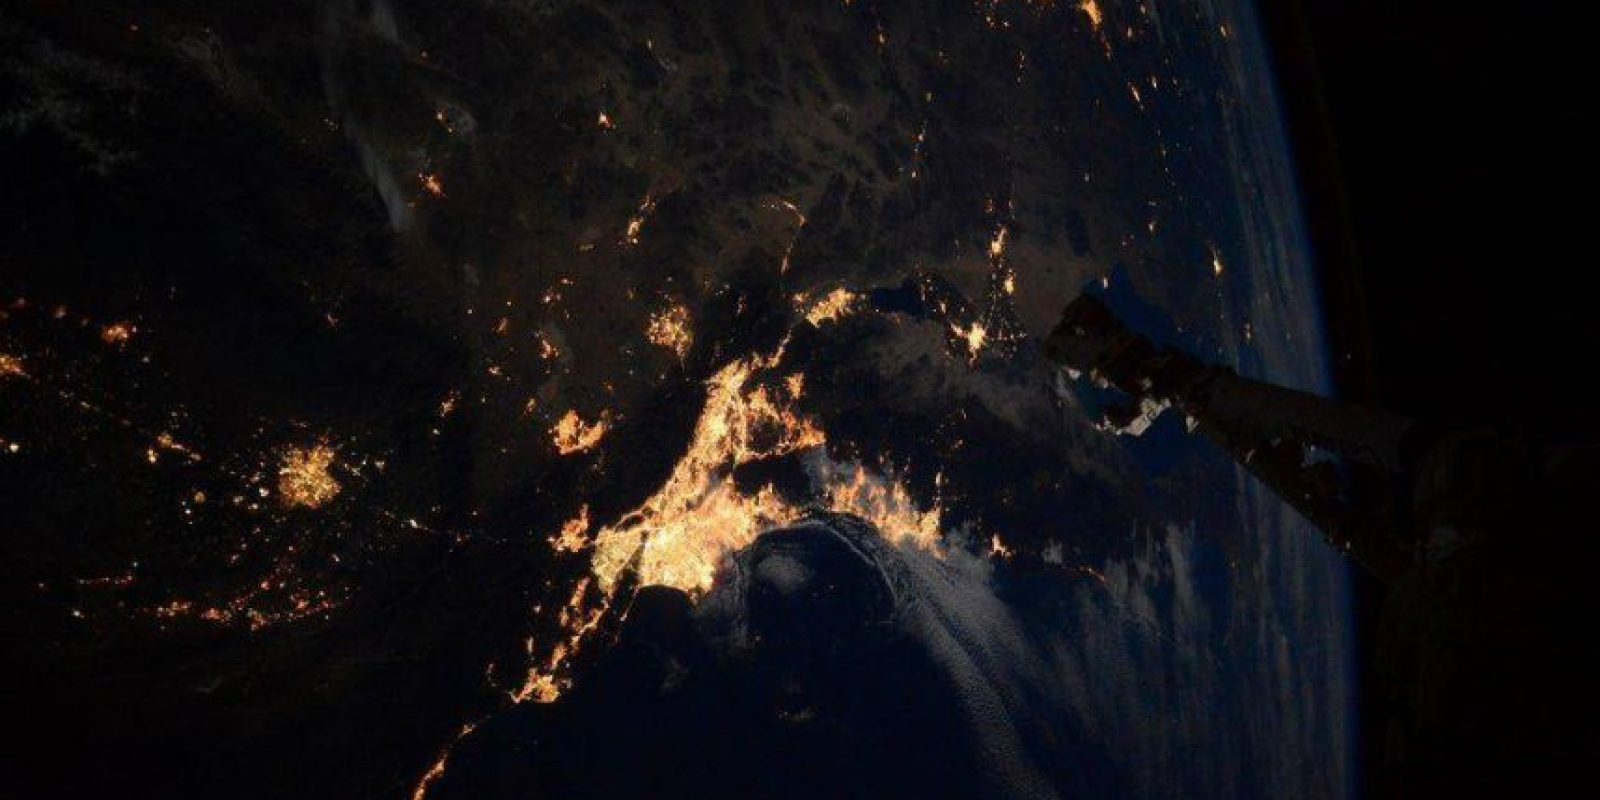 Australia es el país que más recicla en el mundo: 63% del total Foto:Facebook.com/pages/NASA-Astronaut-Scott-Kelly